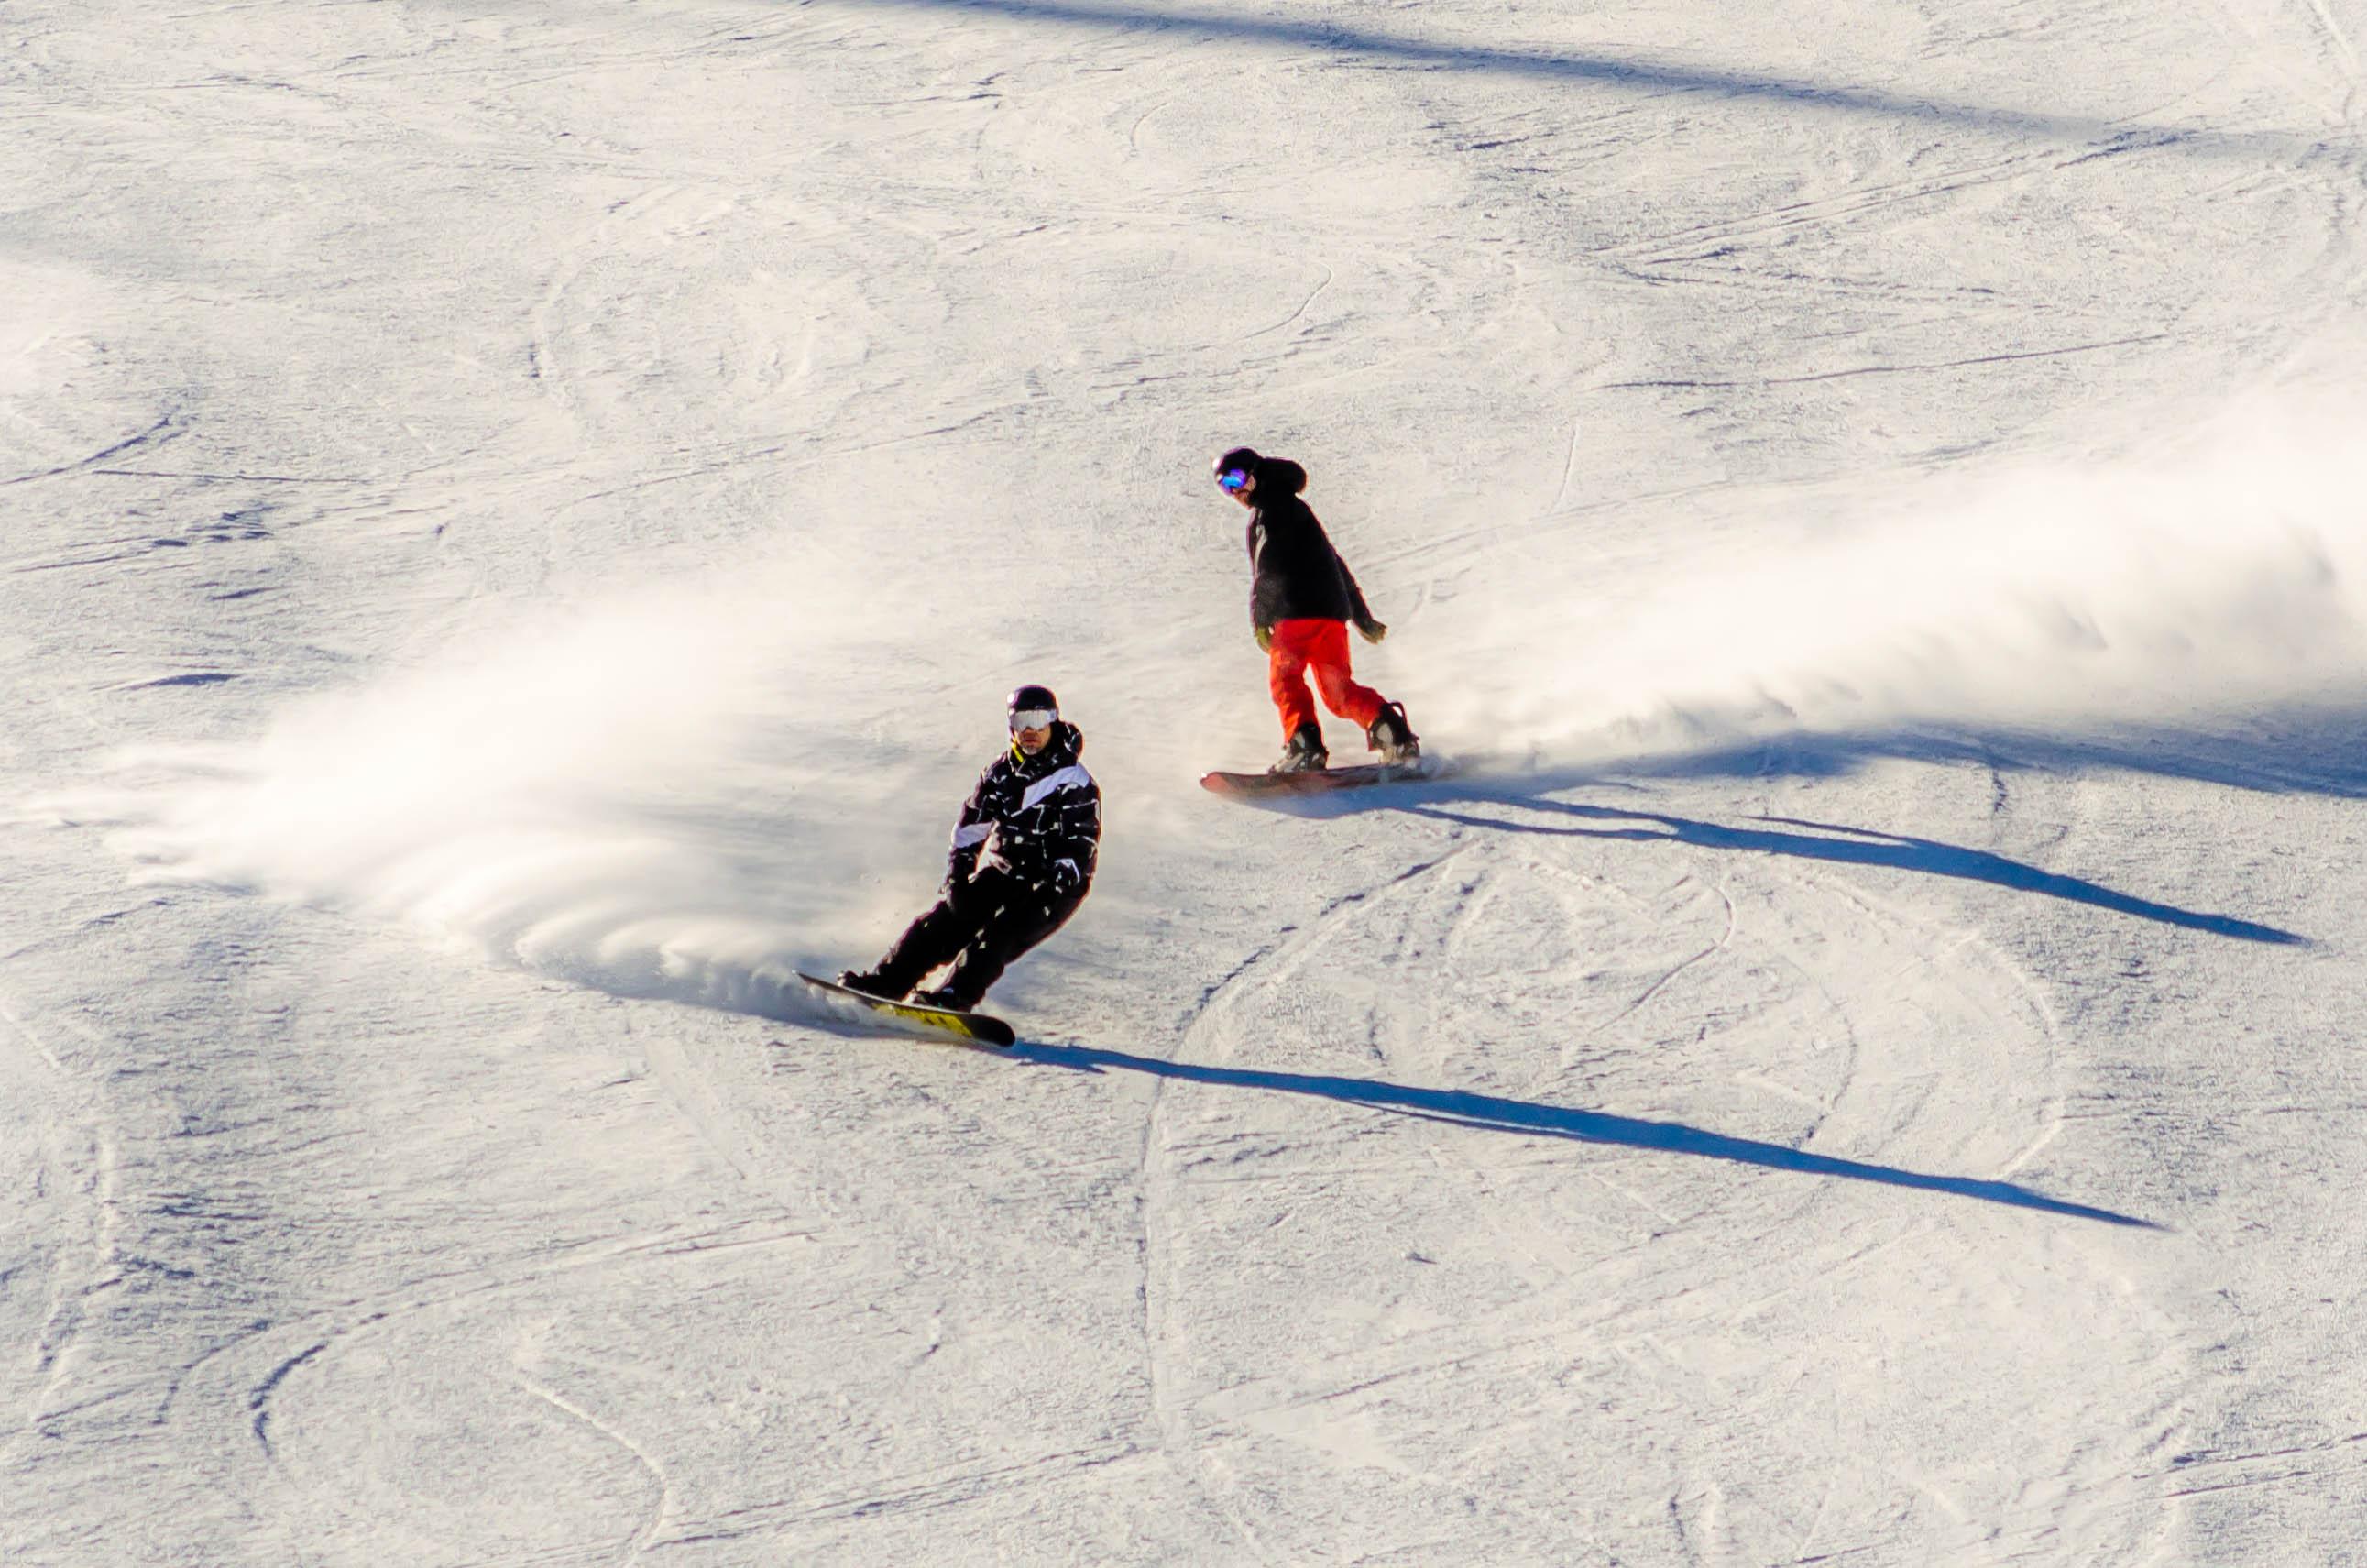 A. Ski _ Snowboard